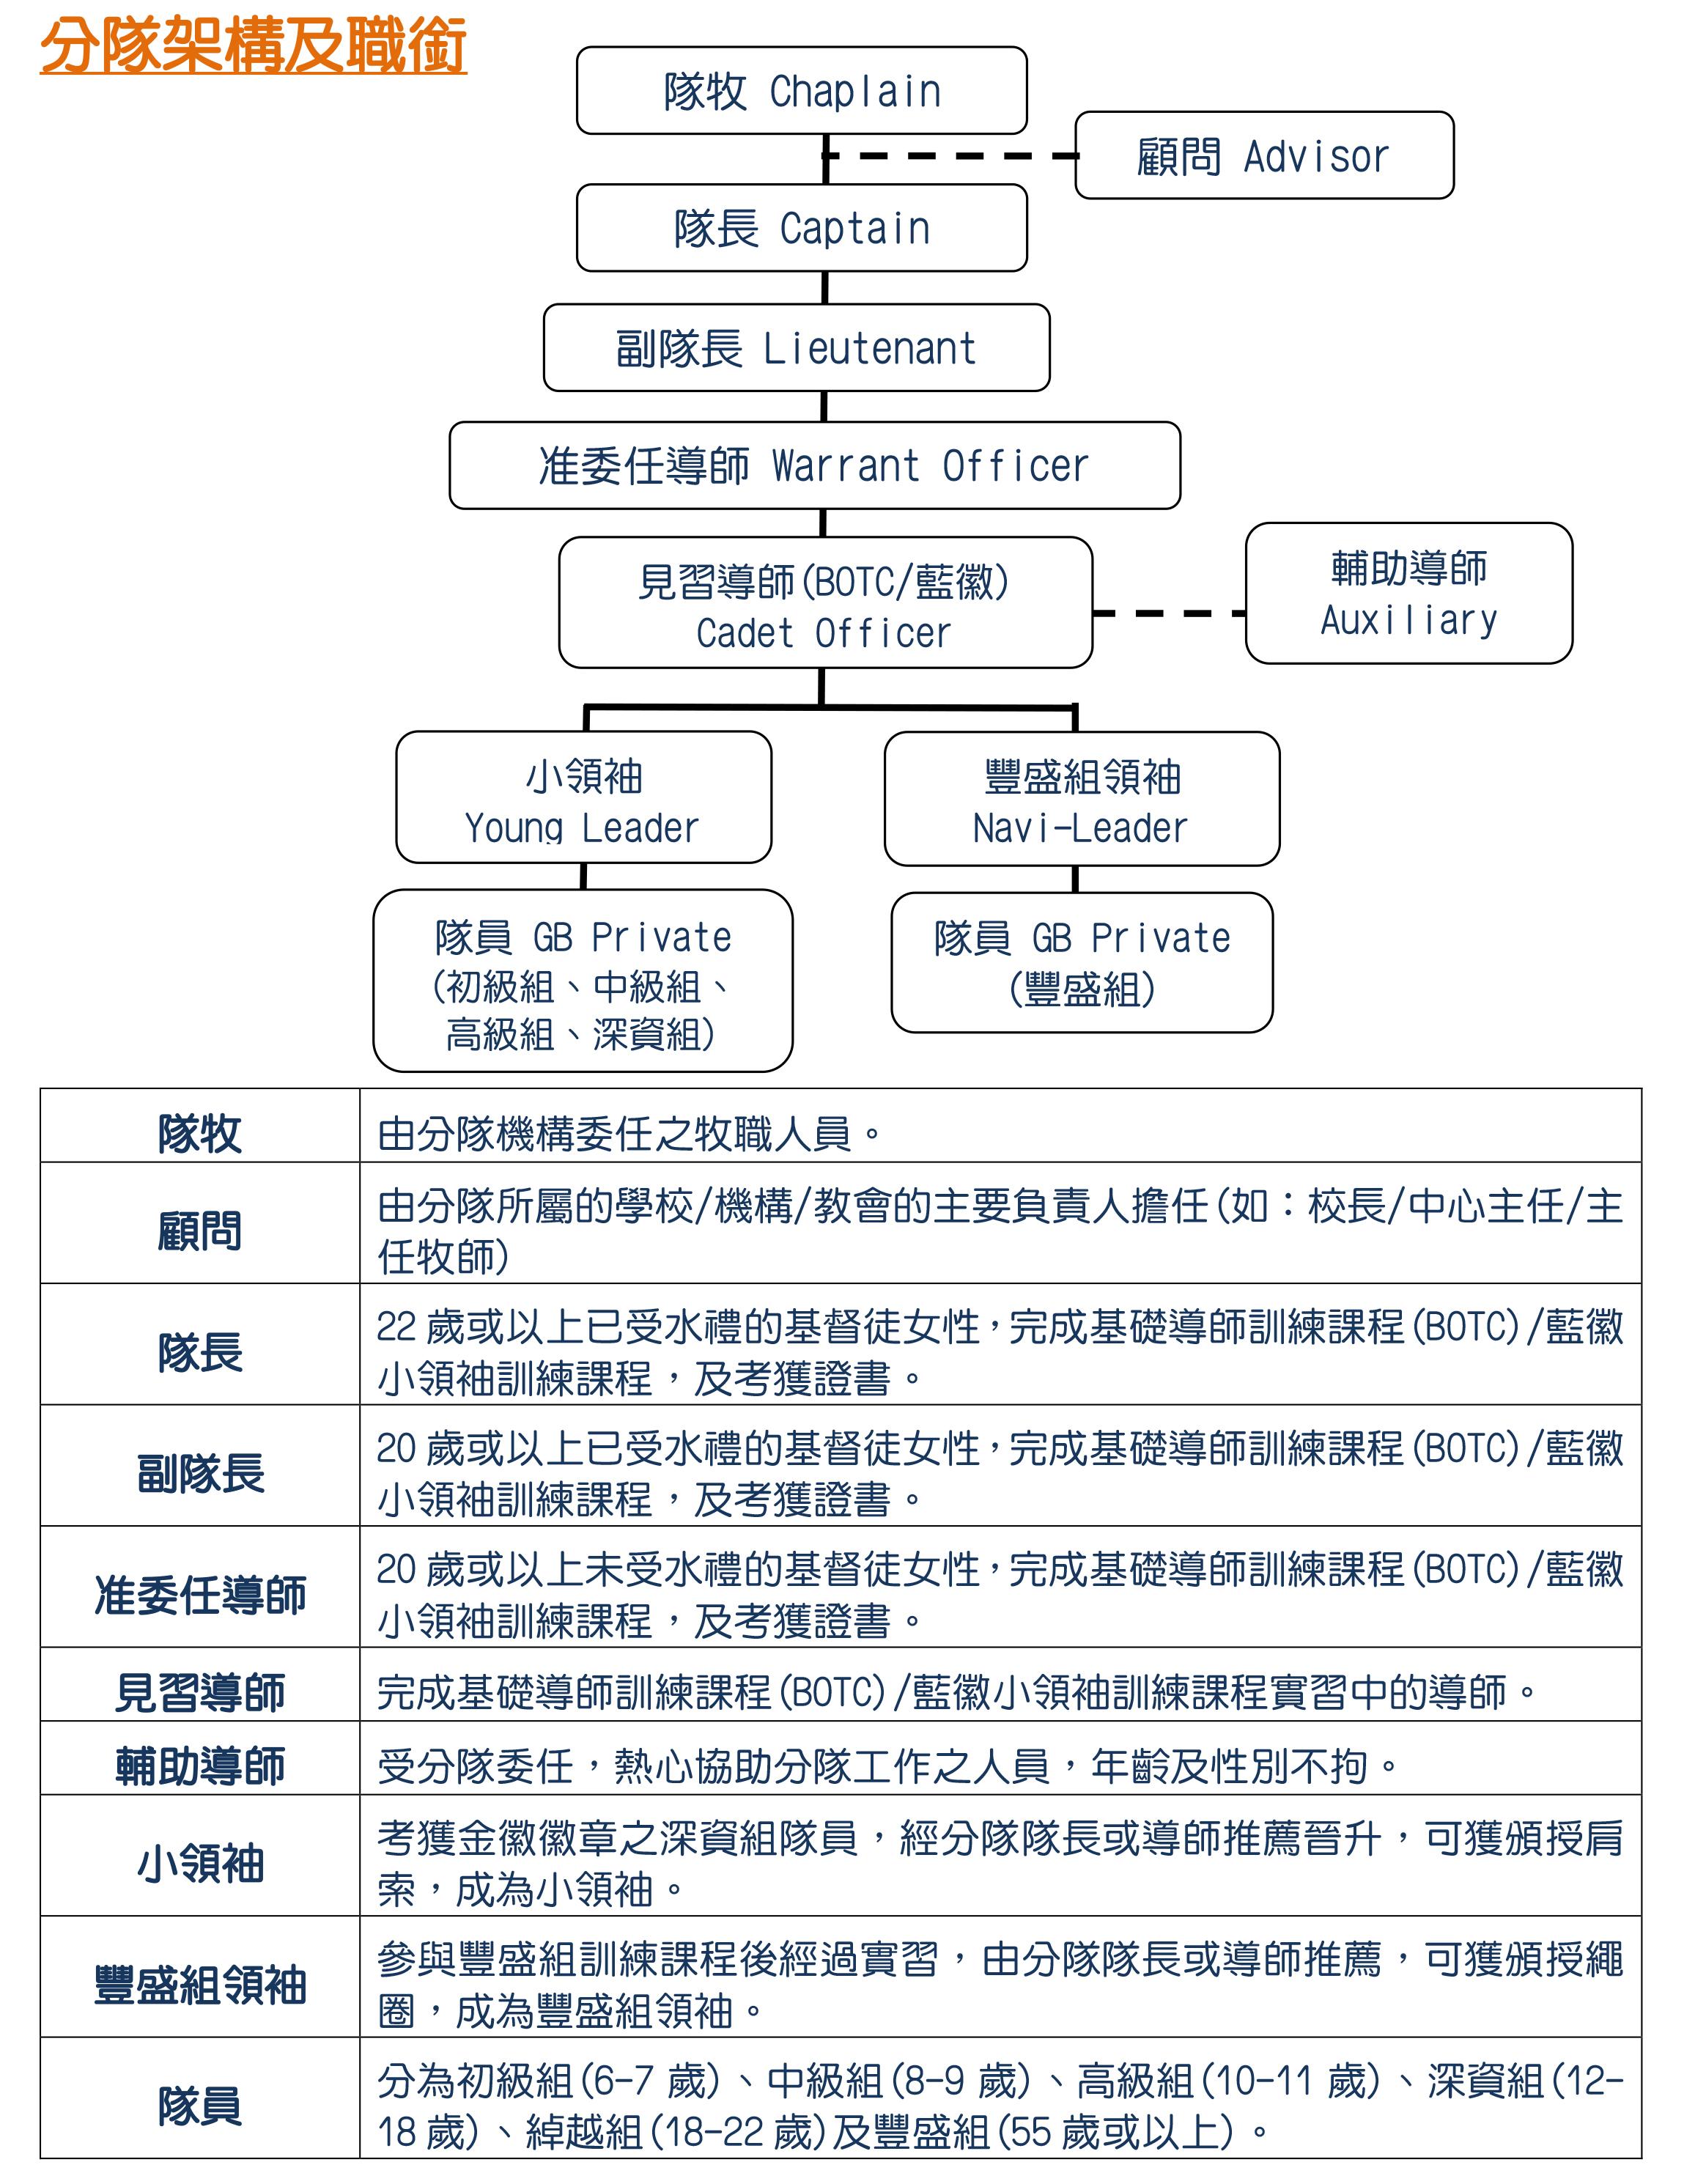 2- 基本資料-分隊架構(revised 20200828)